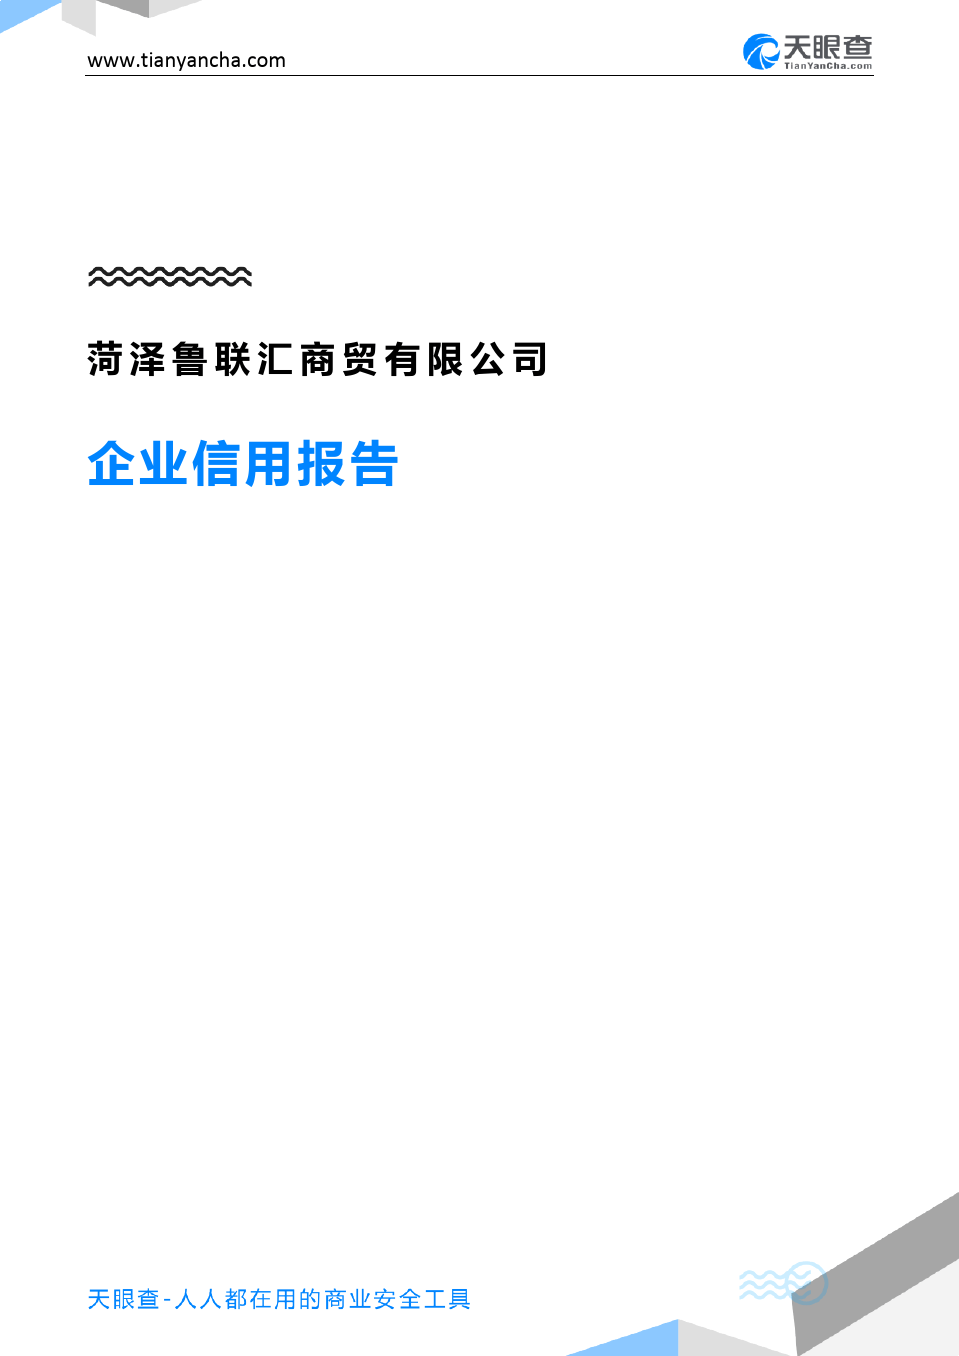 菏泽鲁联汇商贸有限公司(企业信用报告)- 天眼查